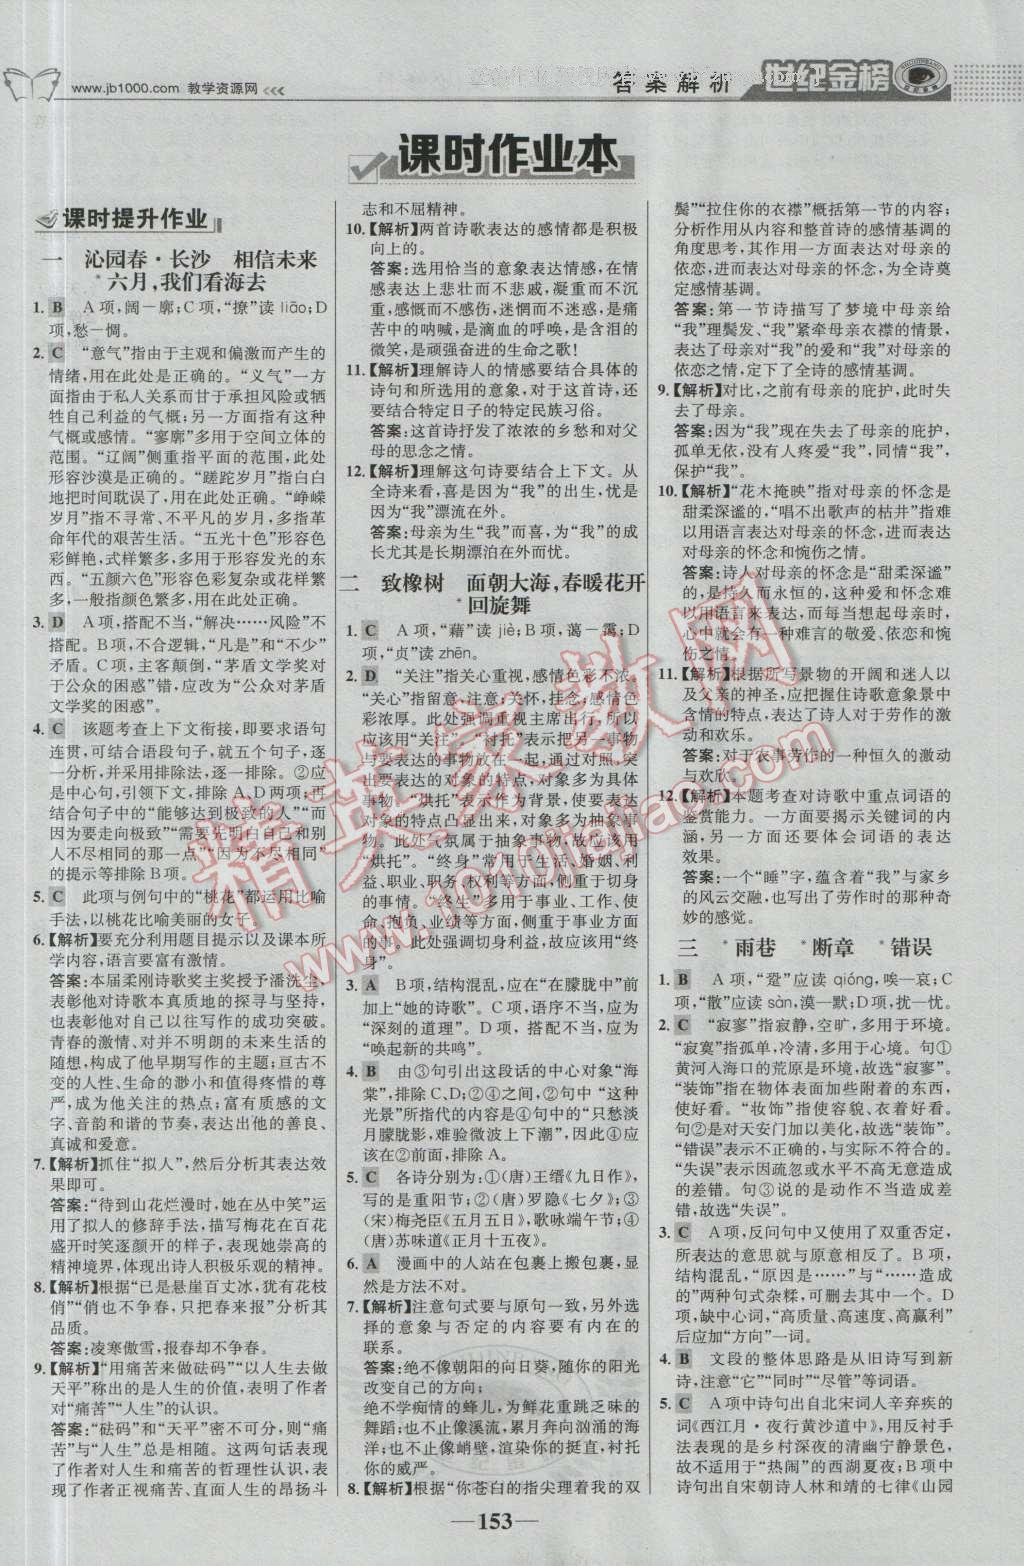 金榜全程篮球语文参考高中方略学习1苏教版必修答案第12页湖北省2016高中世纪图片